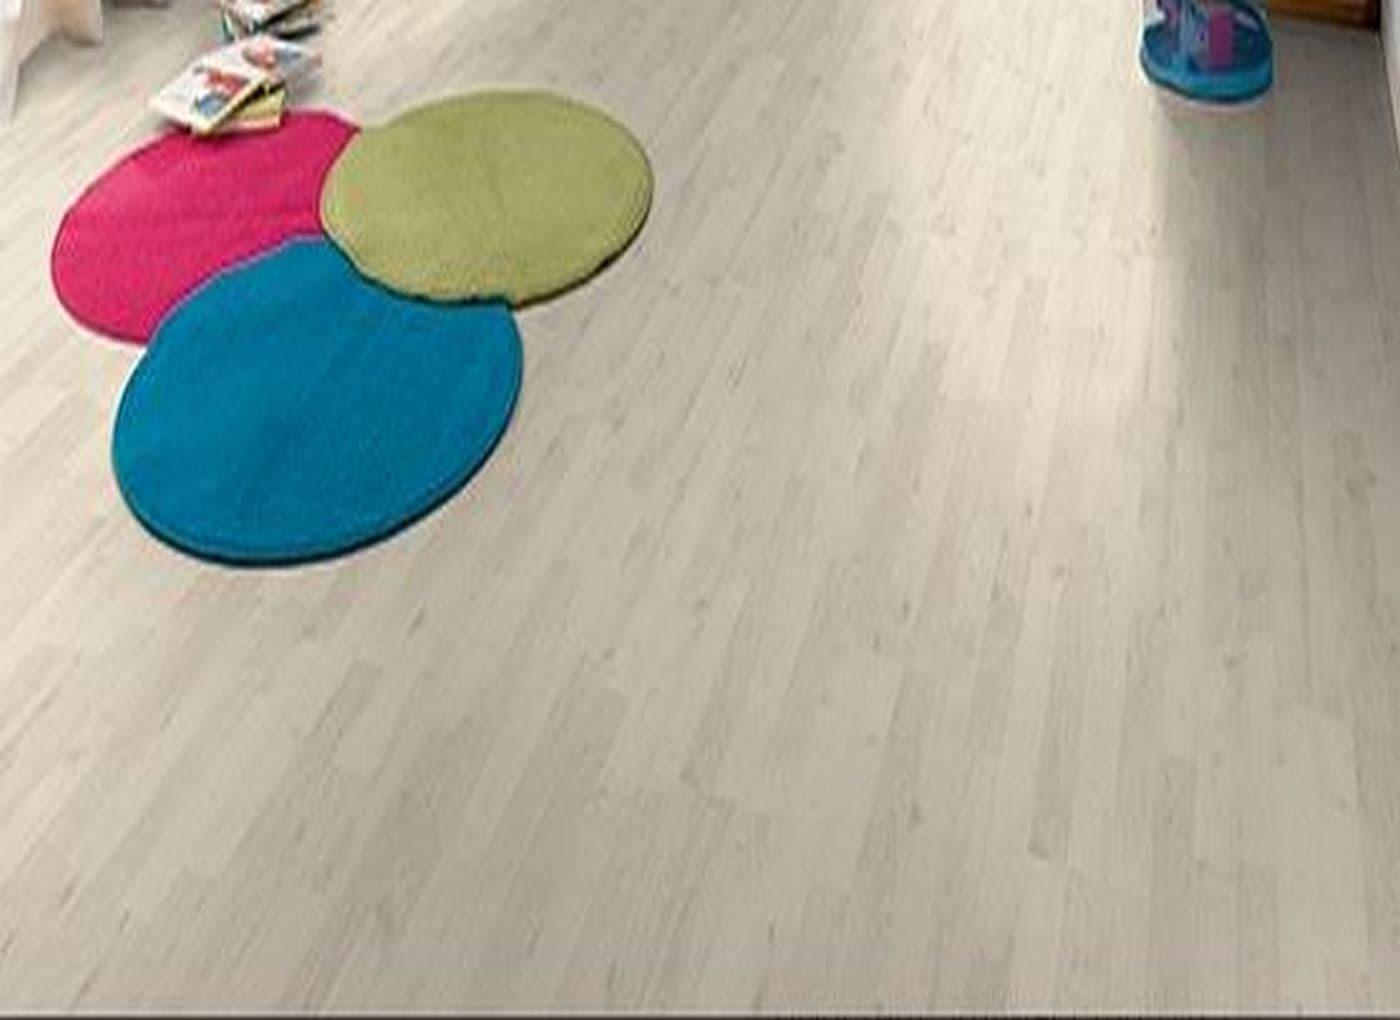 Fußboden Braun Zebra ~ Fußboden aus klinker » klinkerpflaster im fischgrätmuster. wie man